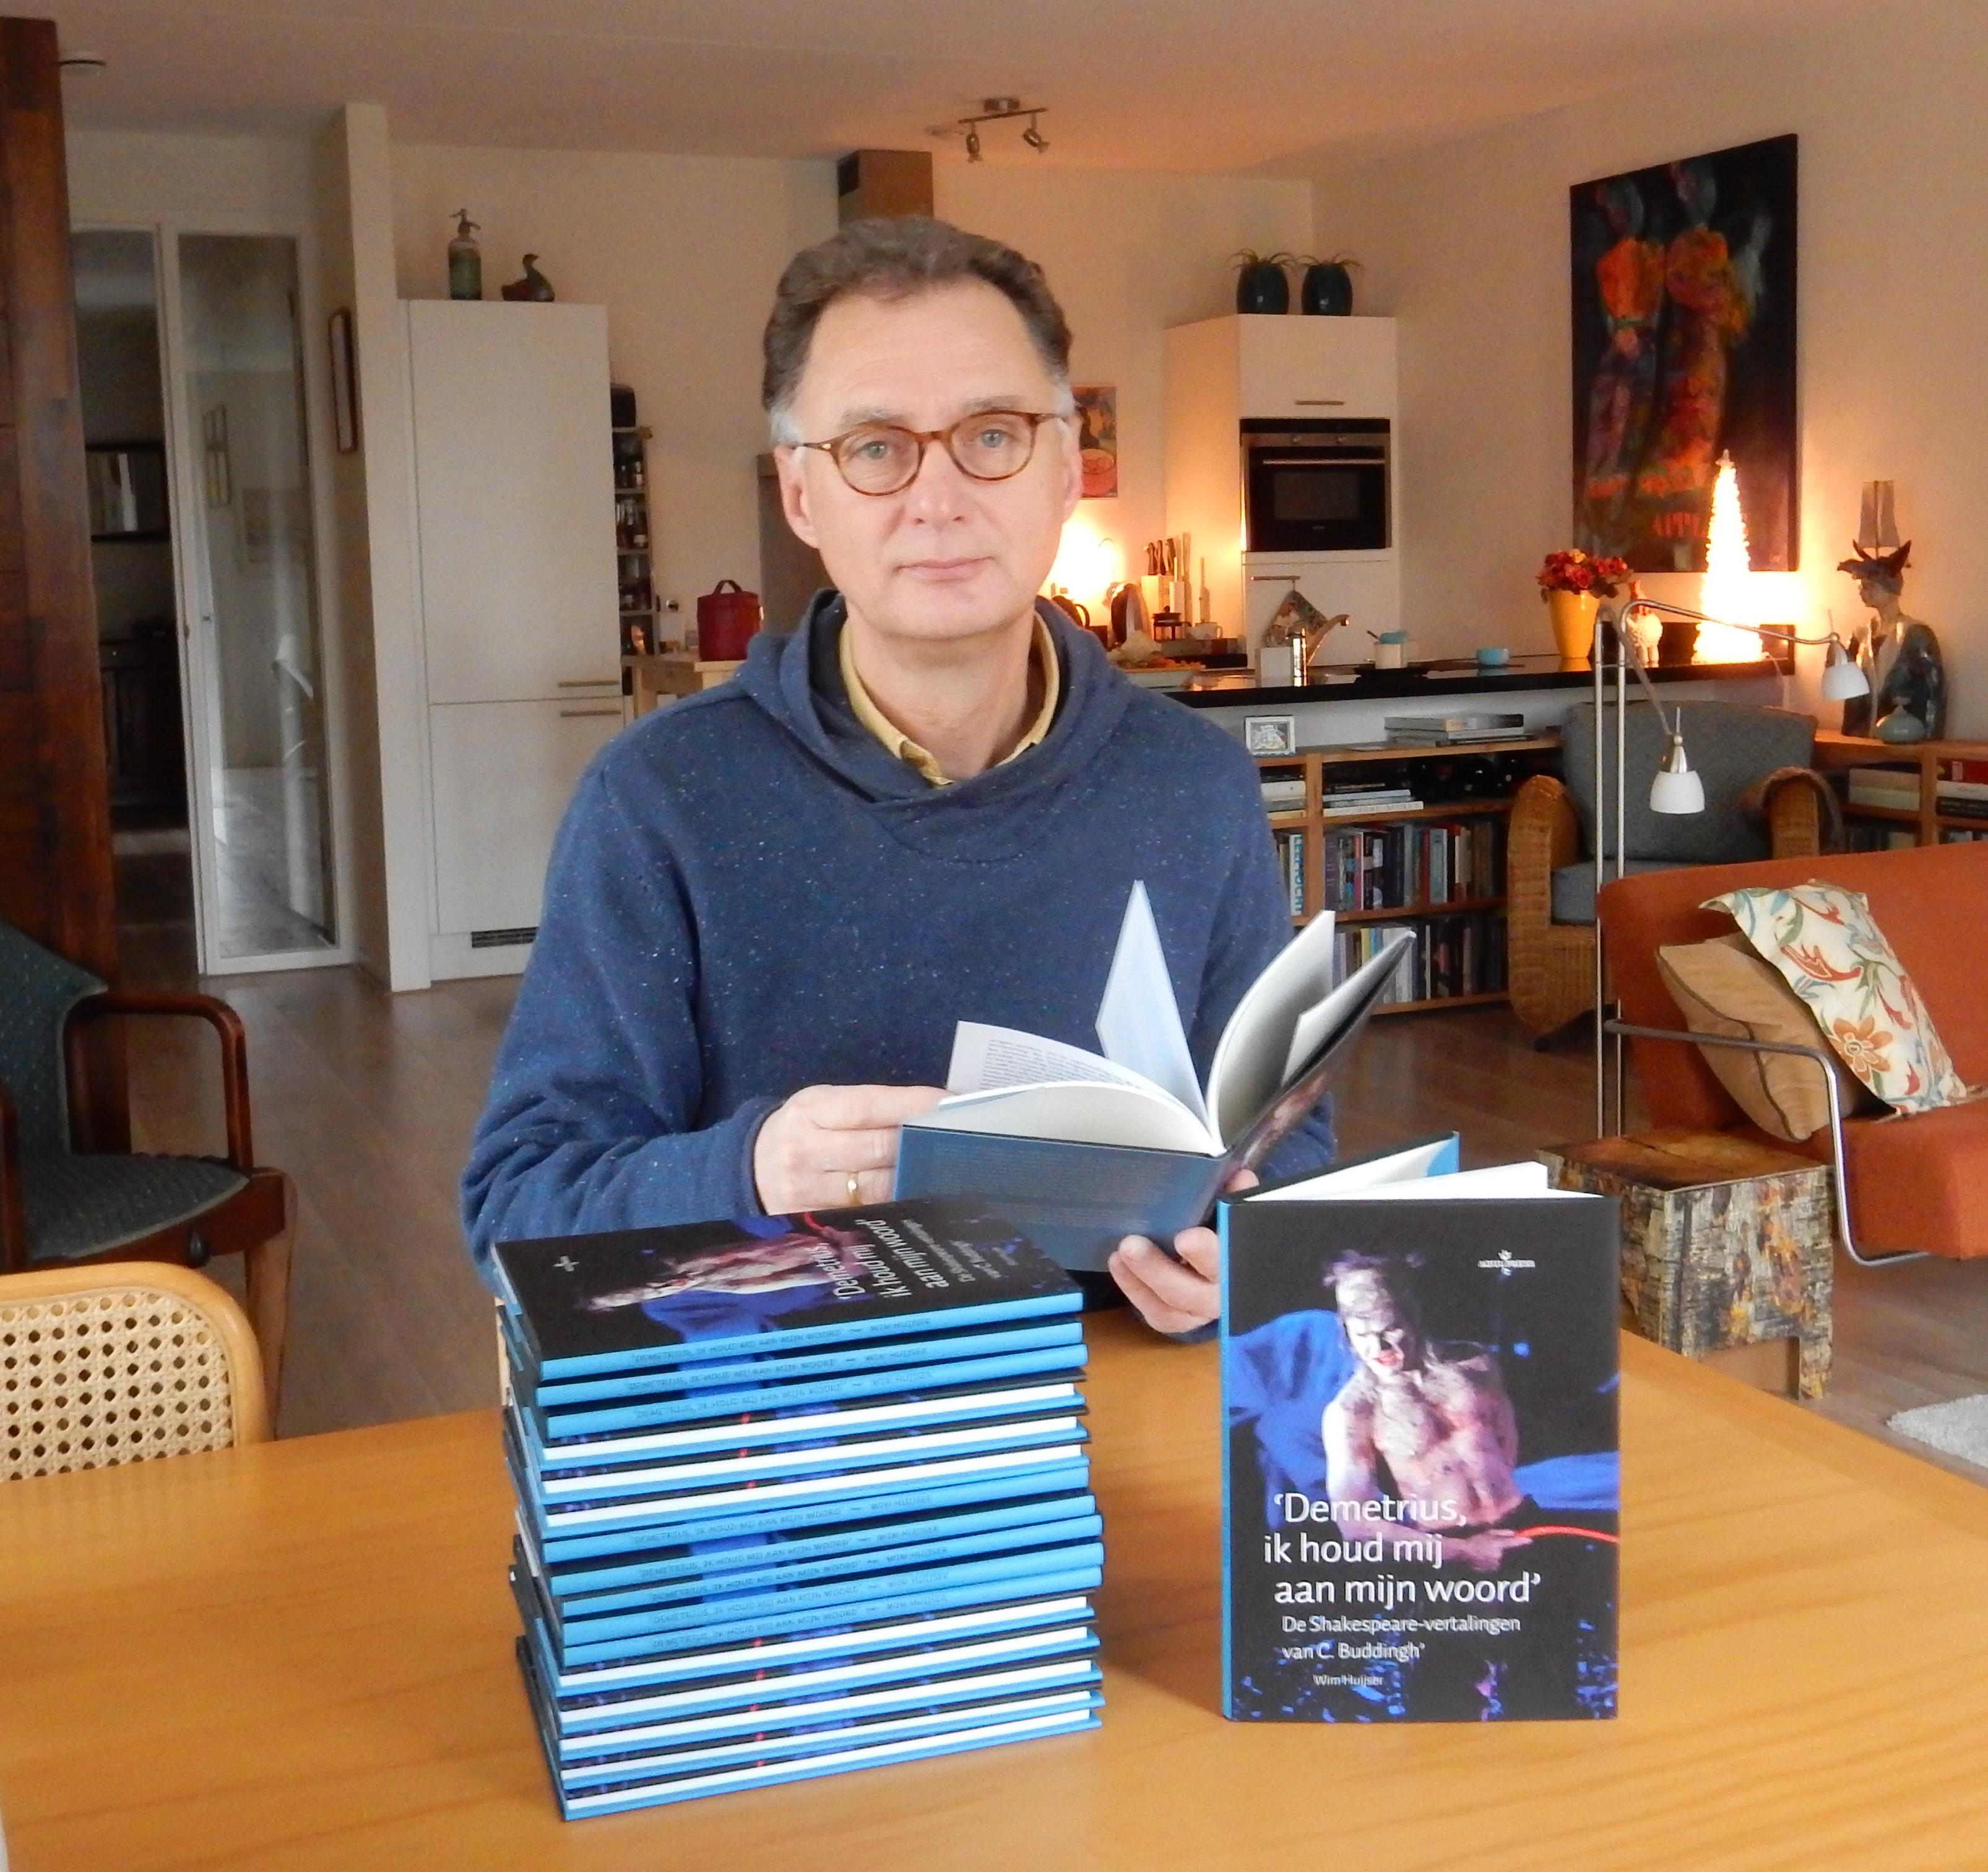 Wim Huijser